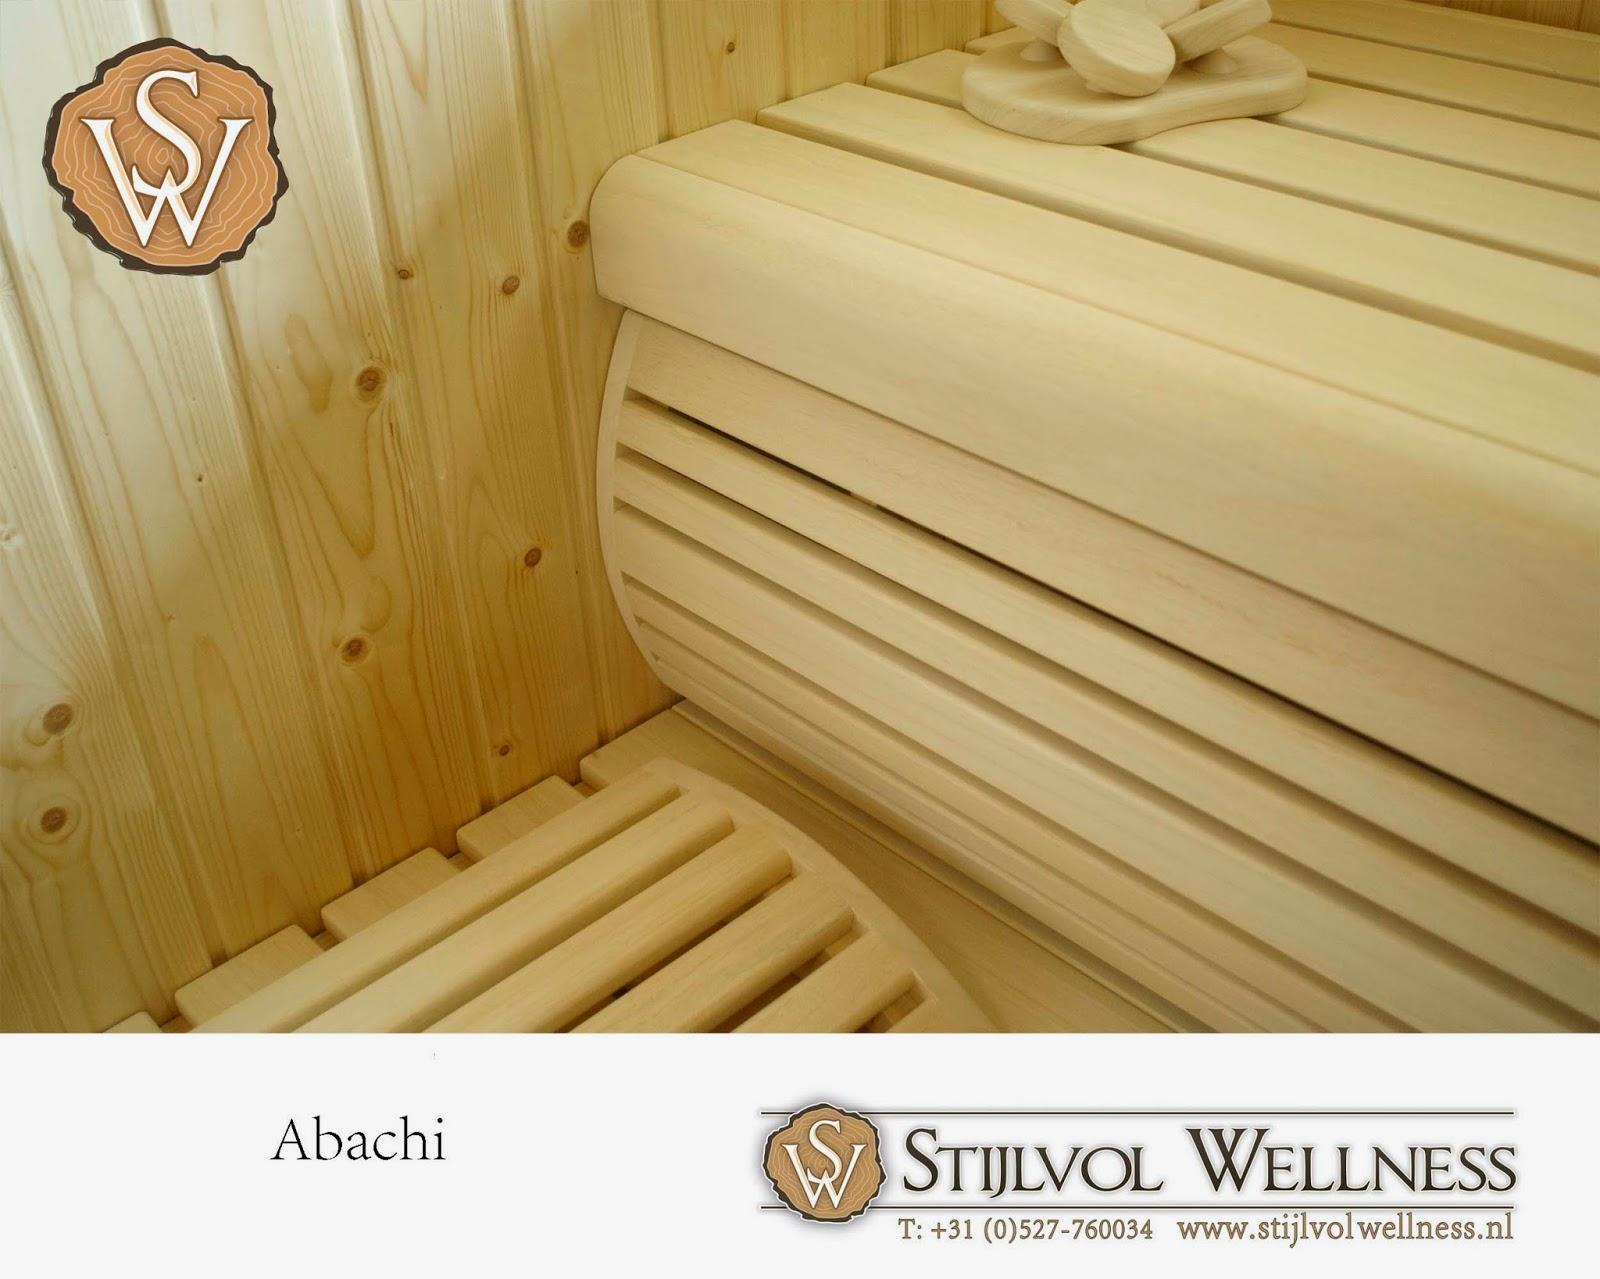 93a2bafc710 Stijlvol Wellness, sauna-faciliteiten die werken!